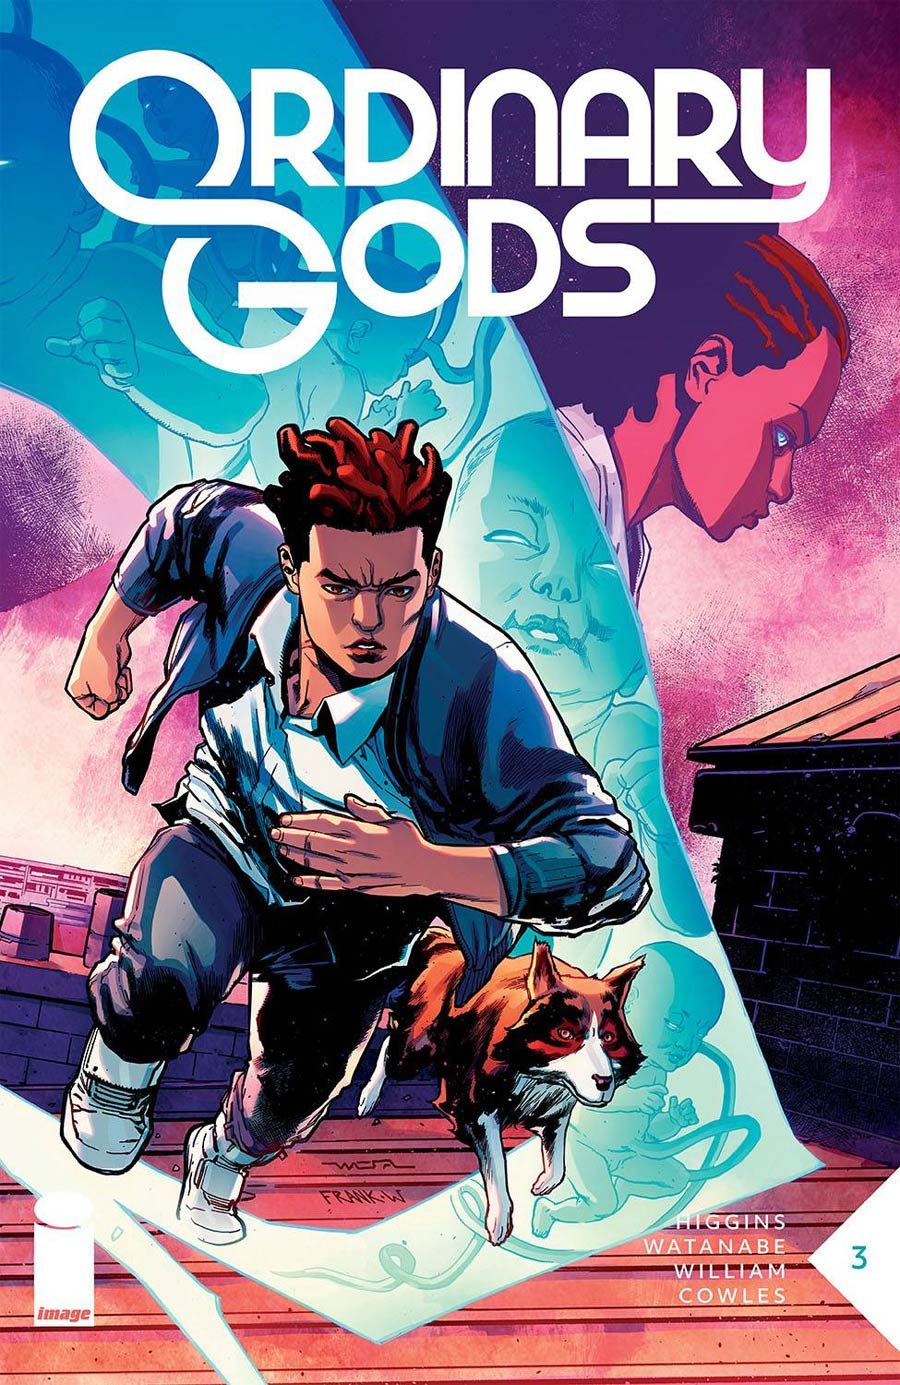 Ordinary Gods #3 Cover A Regular Felipe Watanabe Cover